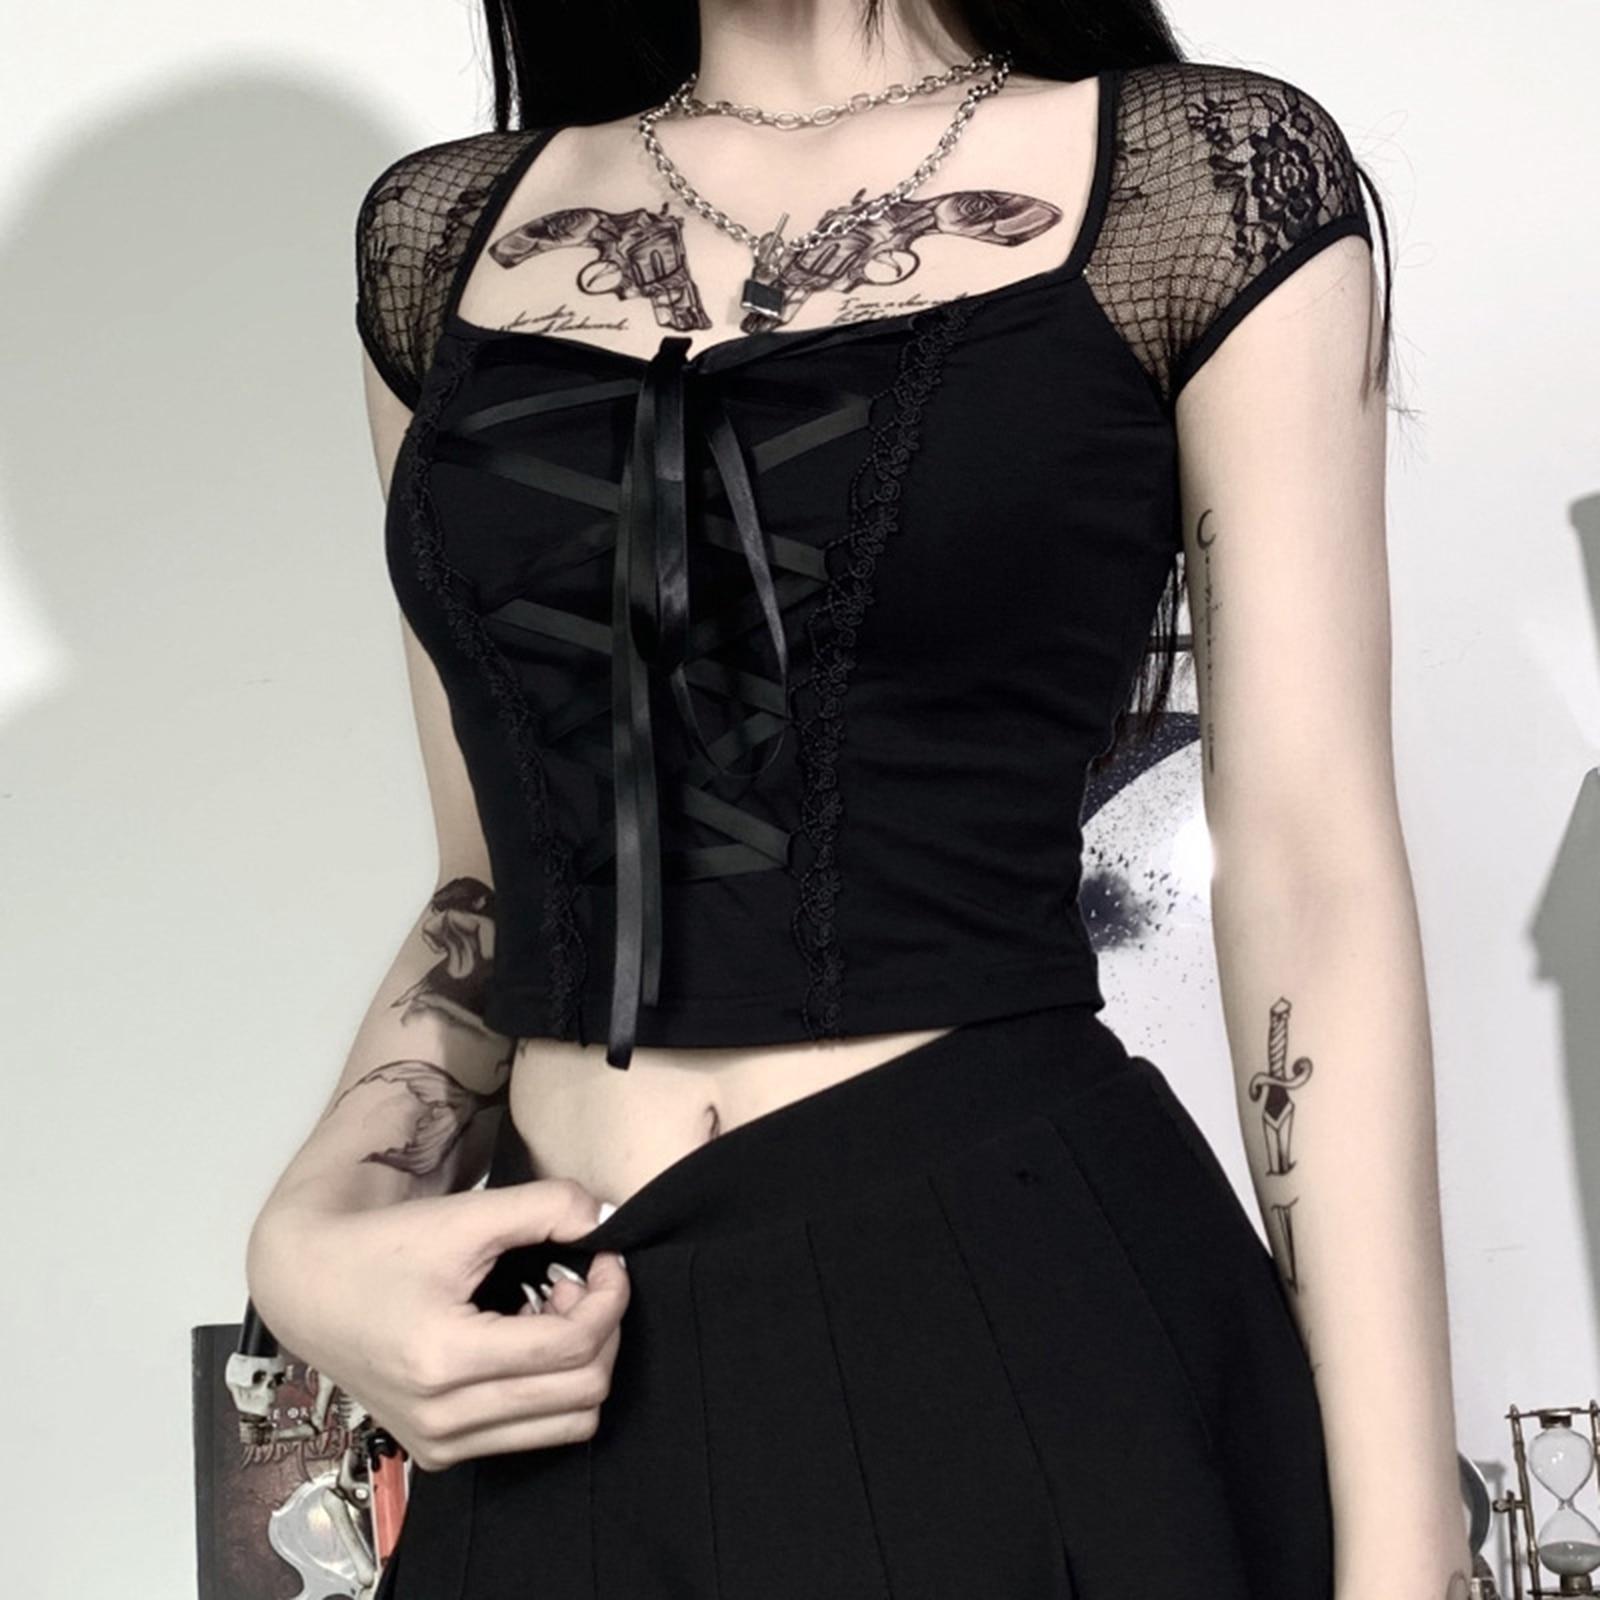 Camiseta de encaje para mujer, ropa gótica Sexy urbana con cuello cuadrado de retales, ropa de manga corta gótica Punk con cordones, camiseta oscura ajustada para mujer